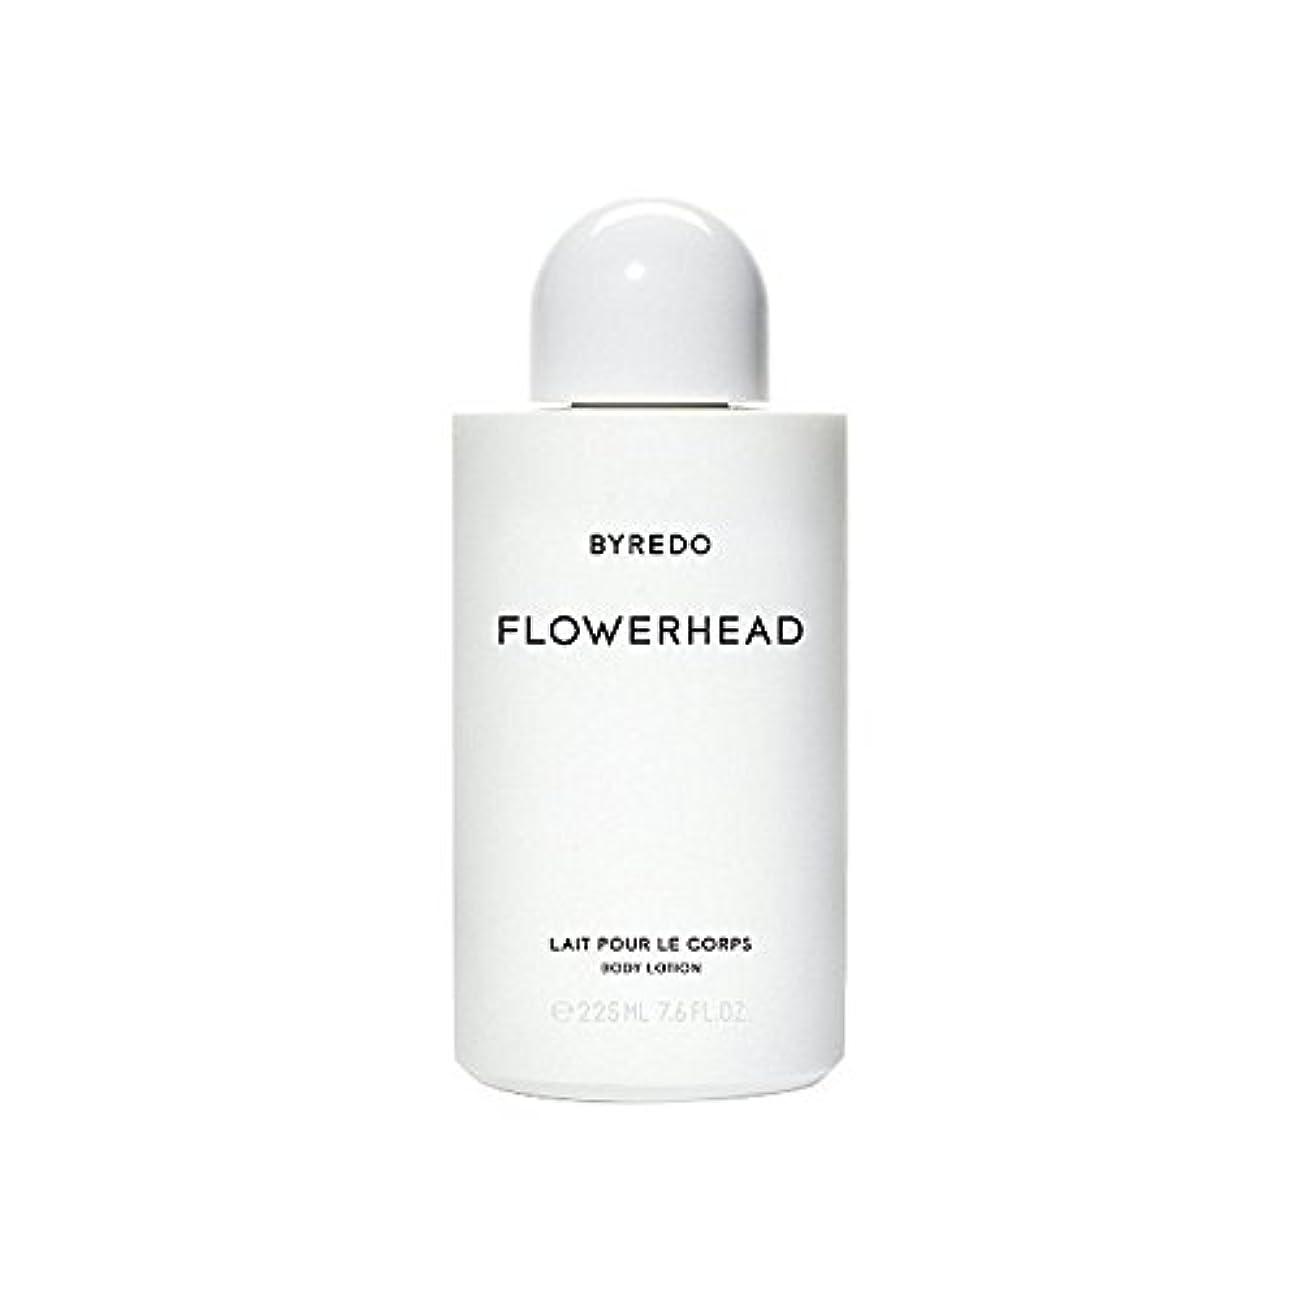 水族館甥参加者ボディローション225ミリリットル x2 - Byredo Flowerhead Body Lotion 225ml (Pack of 2) [並行輸入品]